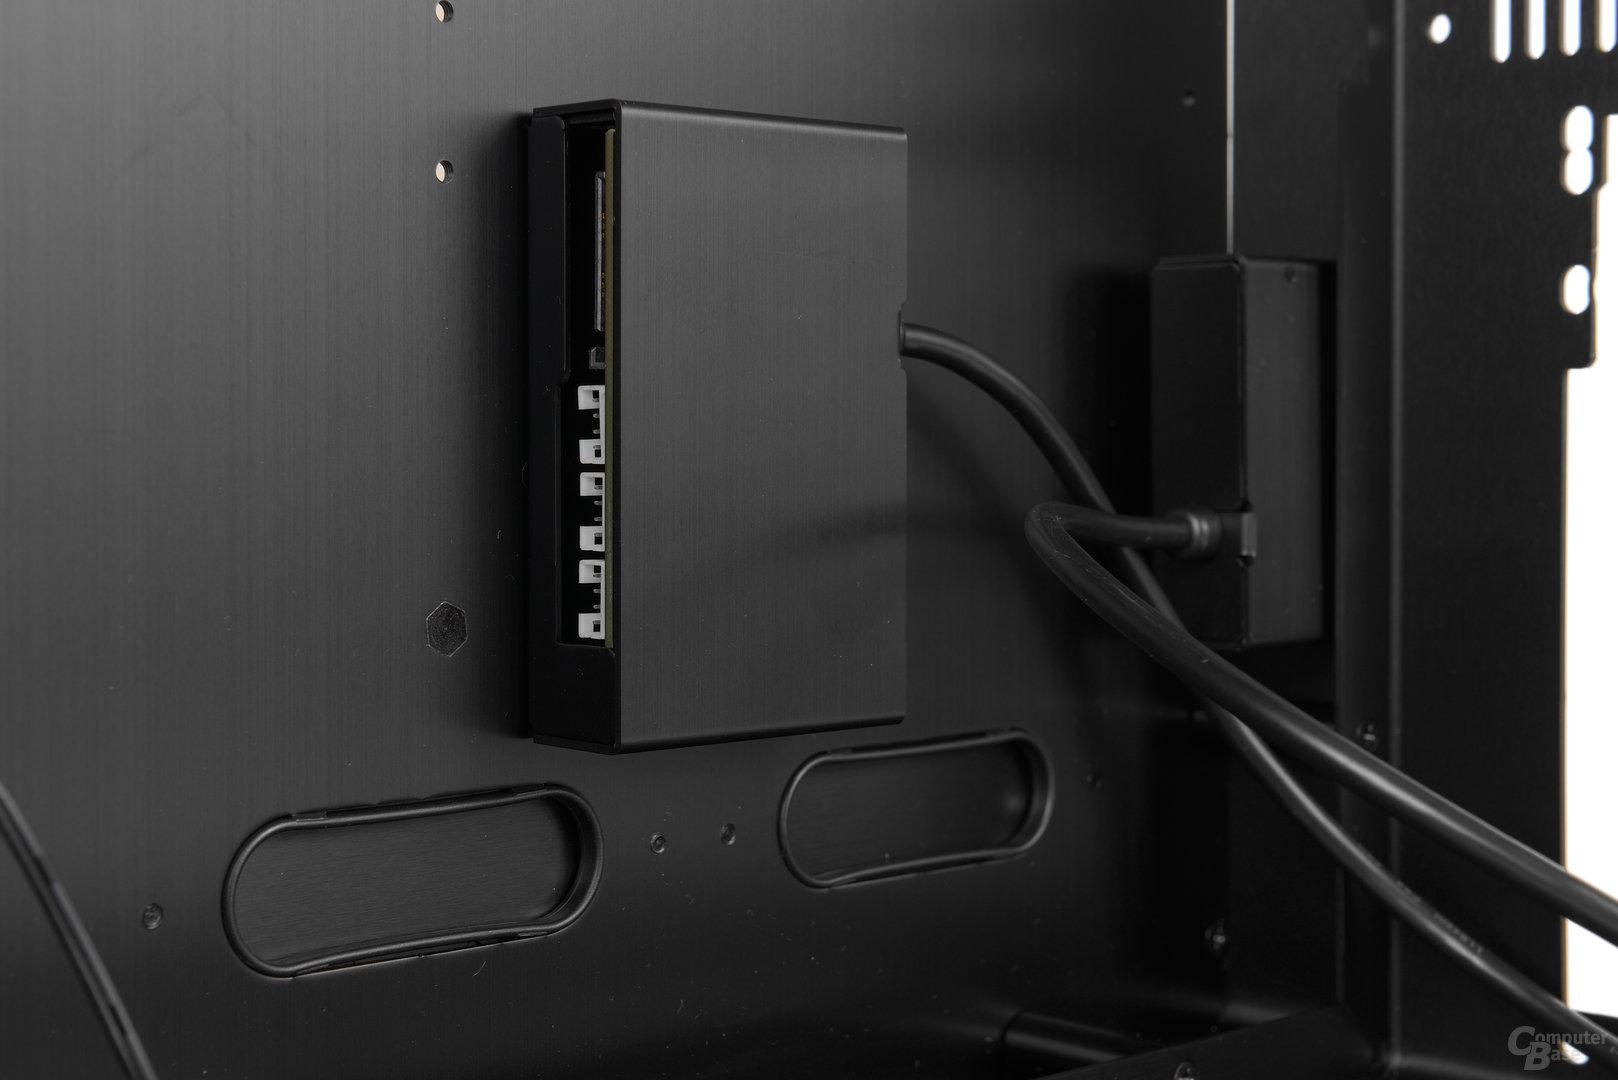 Lian Li PC-O9 – Anschlussbox für die mitgelieferten LED-Striplights